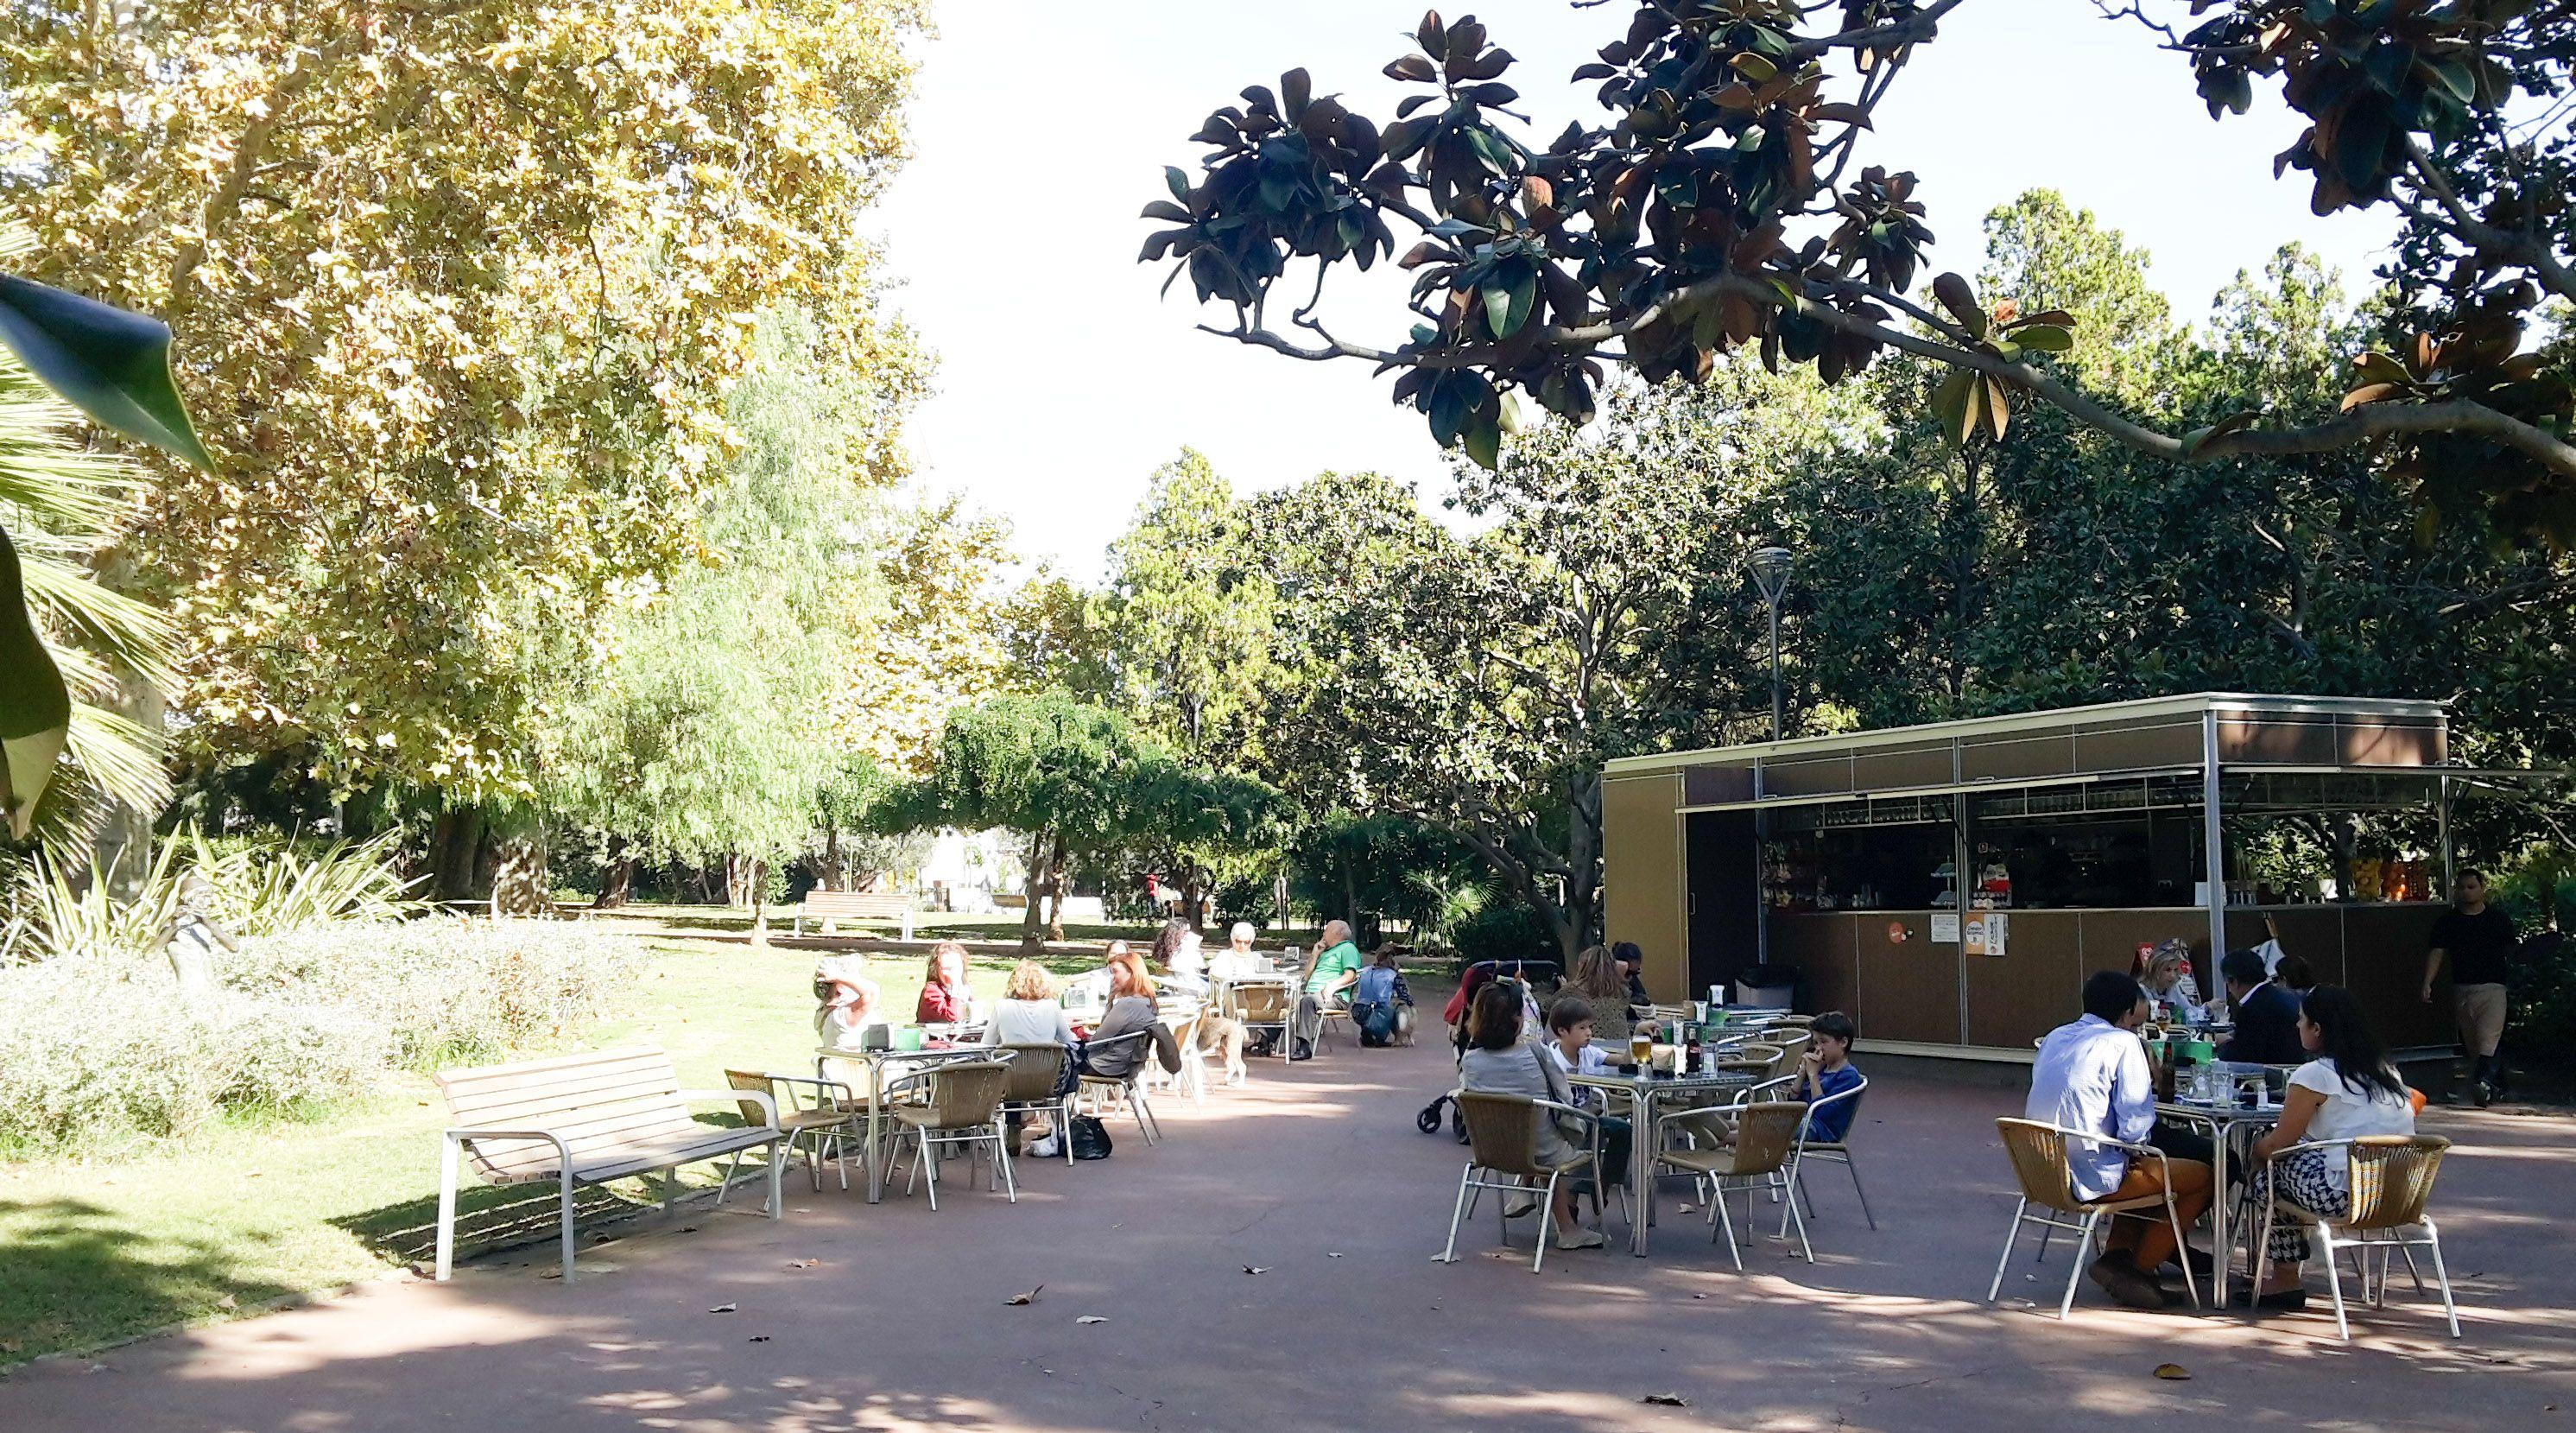 Chiringuito dels Jardins de Vil.la Amèlia